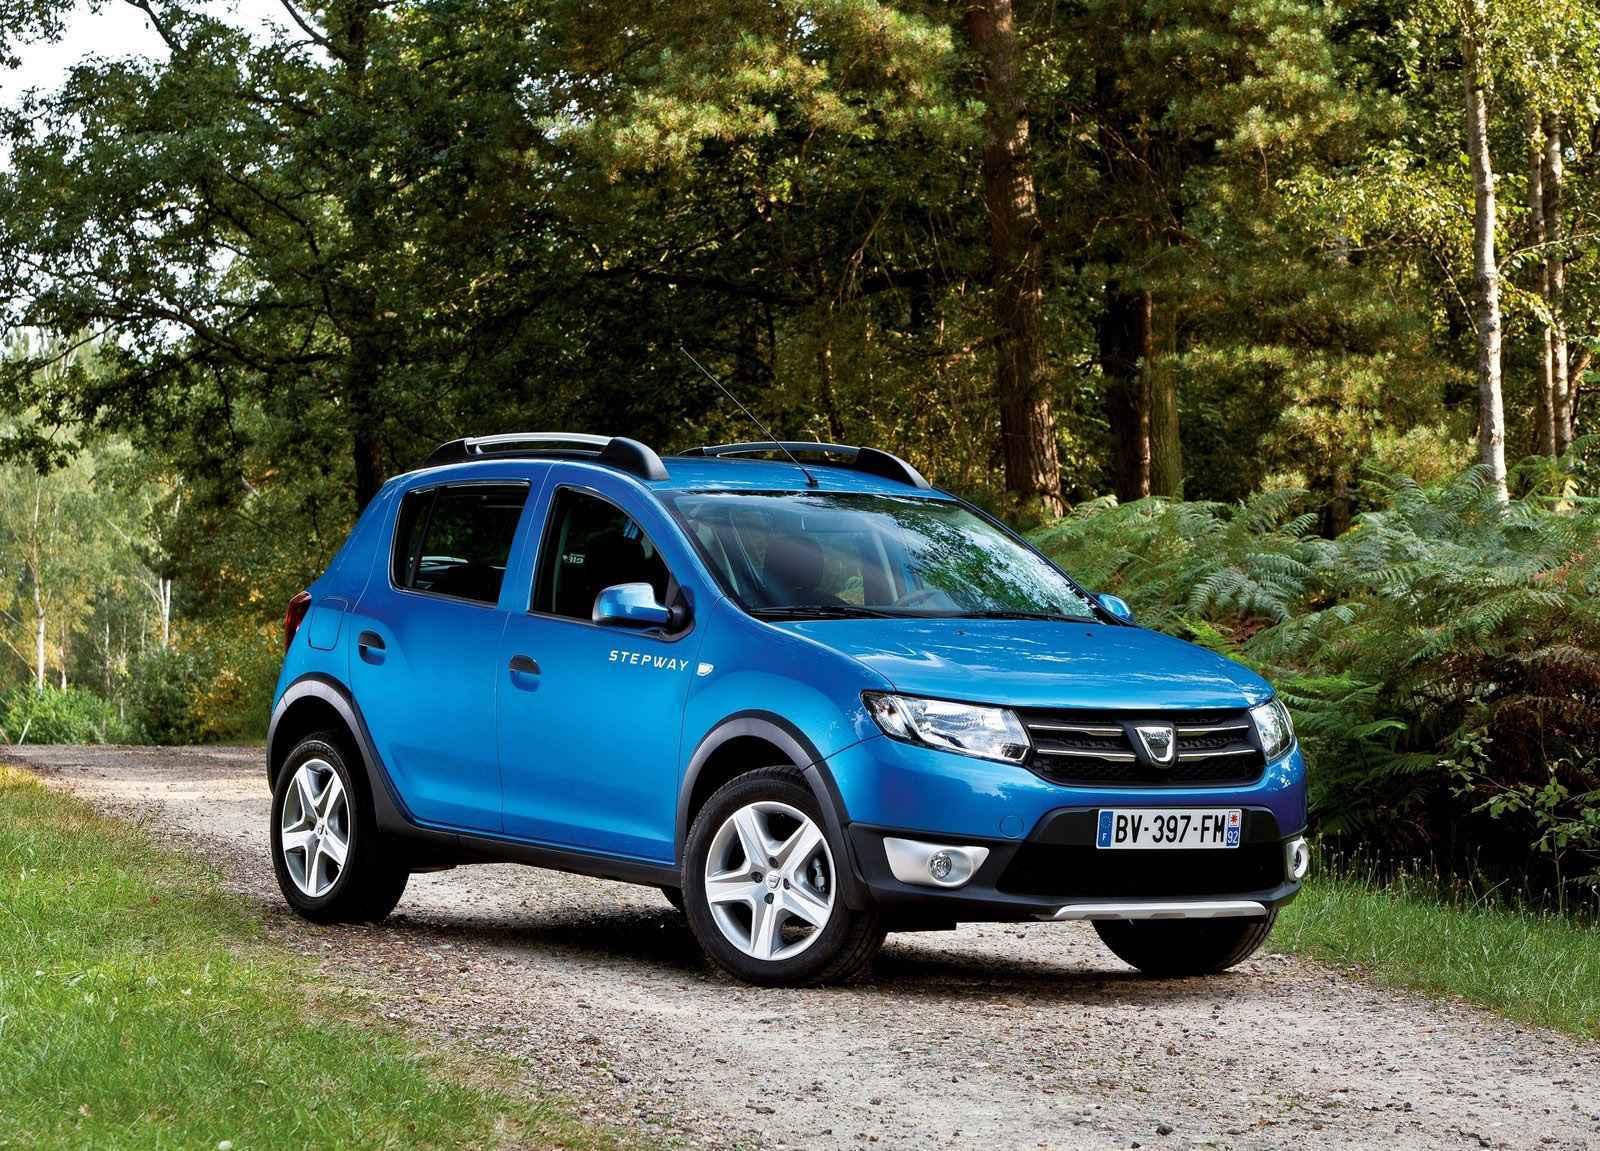 2016 Dacia Sandero Stepway Güncel Fiyat Listesi | Uygun Taşıt